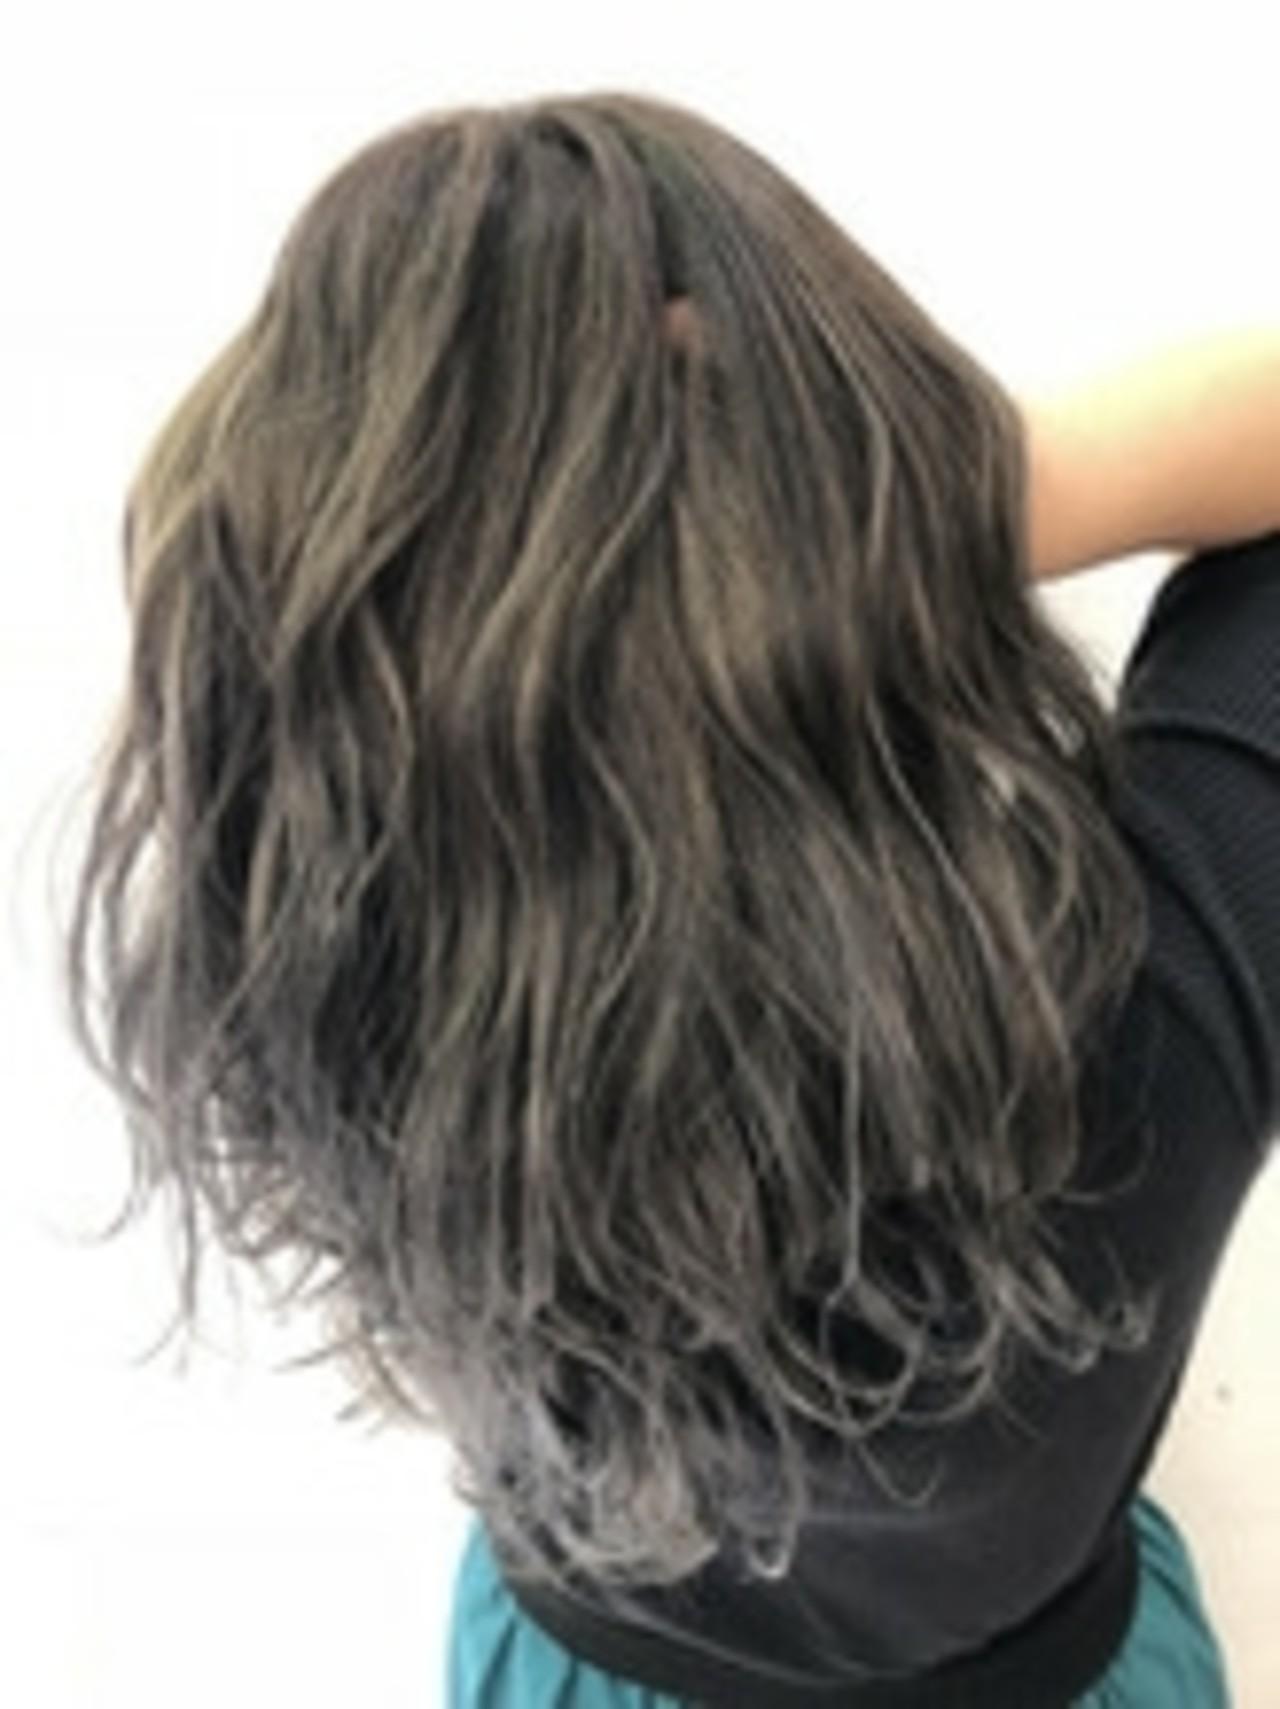 外国人風 暗髪 透明感 エレガント ヘアスタイルや髪型の写真・画像 | 竹下 大貴 / ヴァンカウンシル 八尾店